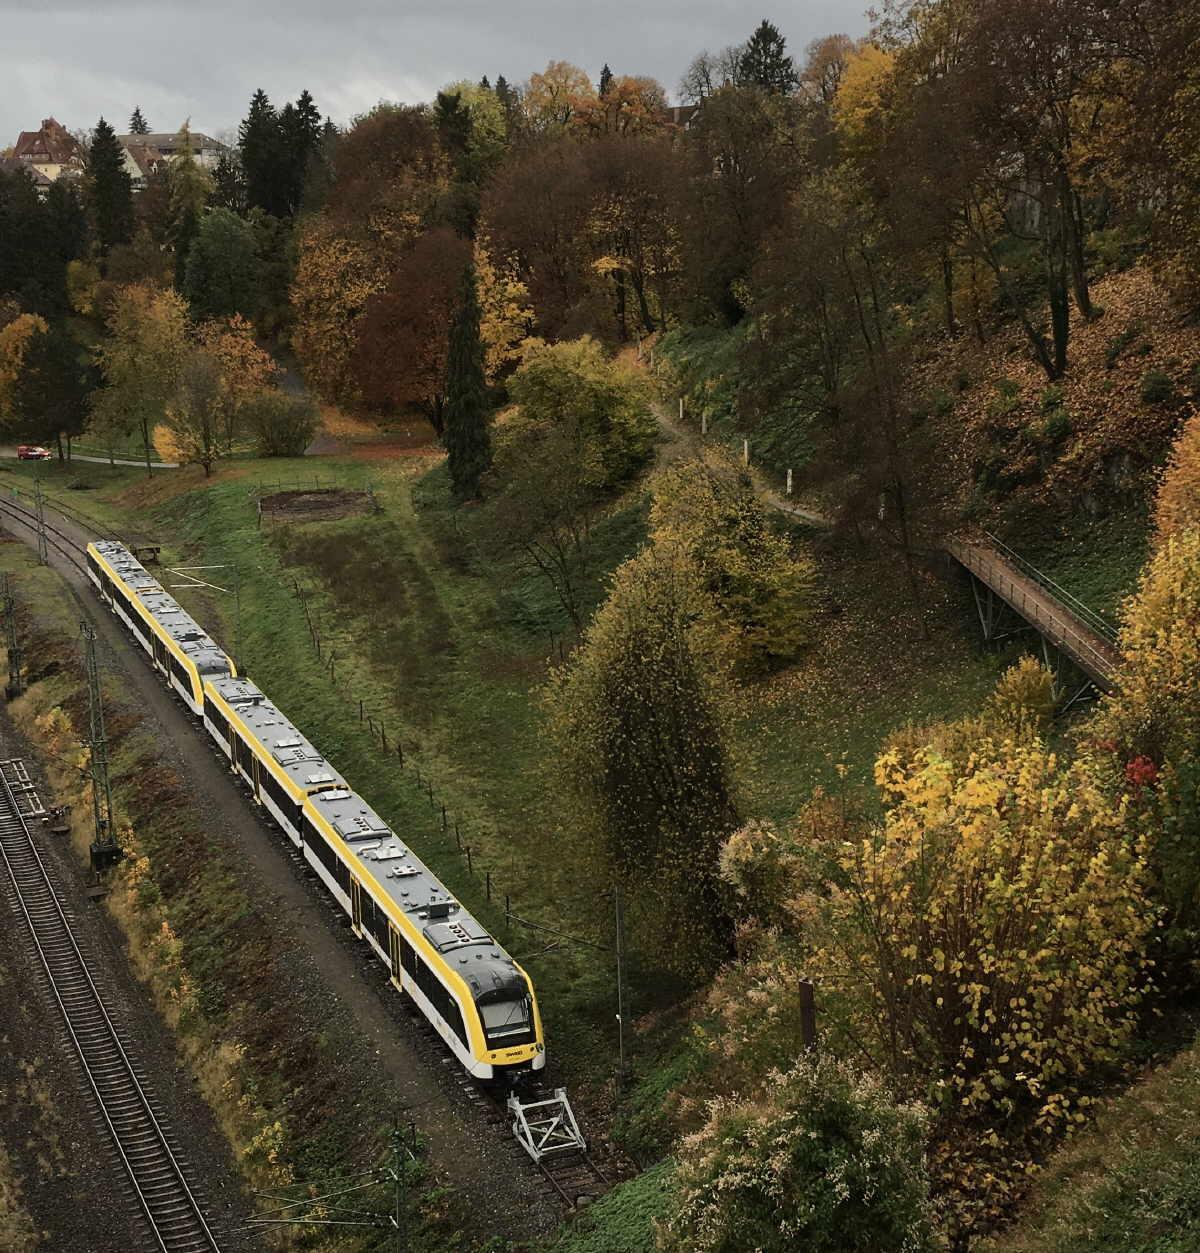 """Der Zug steht schon da. Es fehlt """"nur"""" noch der Bahnsteig für den Ringzughalt Stadtmitte und die barrierefreie Verbindung zur Innenstadt. Die Rottweiler CDU hofft, dass die notwendigen Entscheidungen zu diesem Projekt bald fallen, um die Fertigstellung vor der Landesgartenschau 2028 zu gewährleisten.Foto: CDU"""